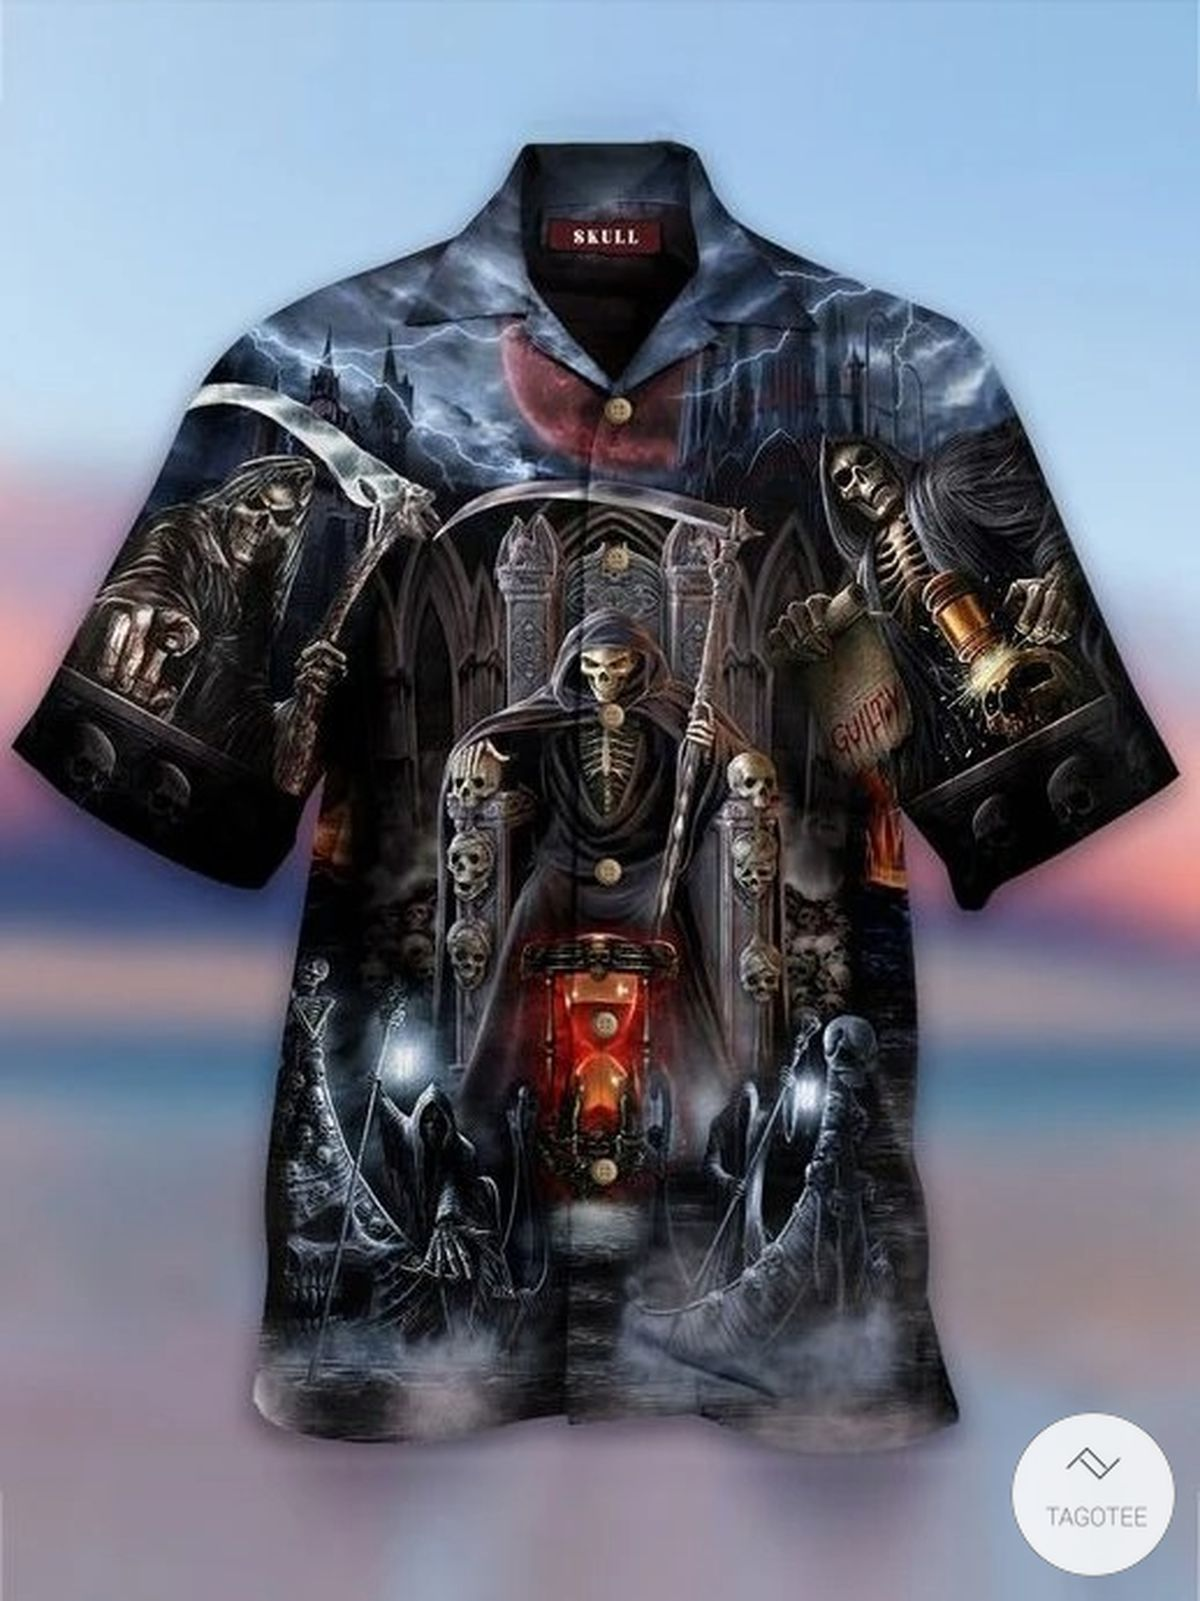 Death Skull Hawaiian Shirt